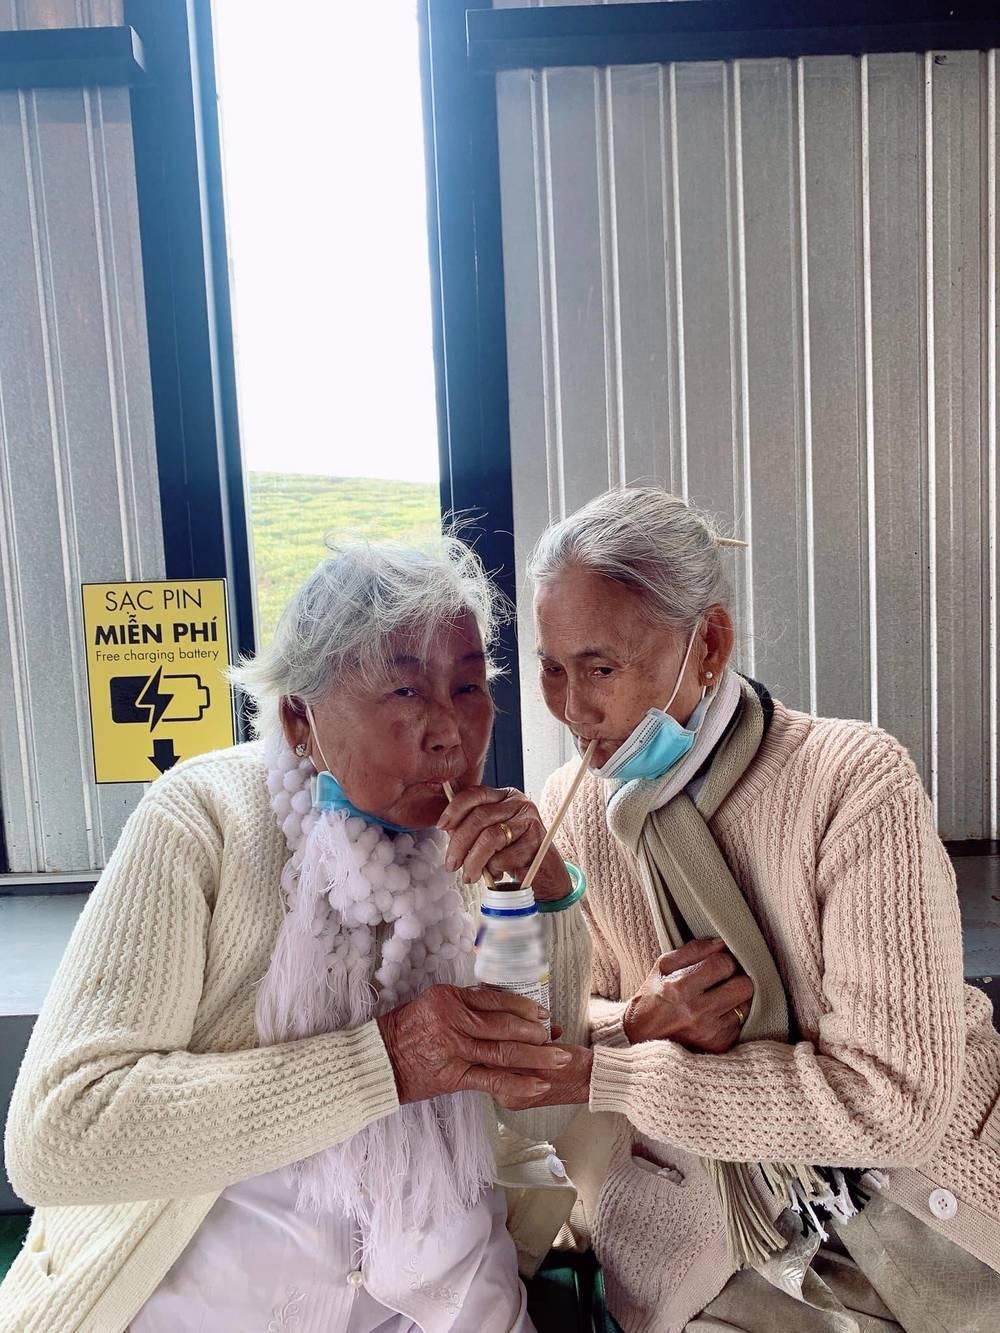 Cùng chia sẻ niềm vui khi về già, tận hưởng cuộc sống, còn gì quý giá hơn? Ảnh: Internet